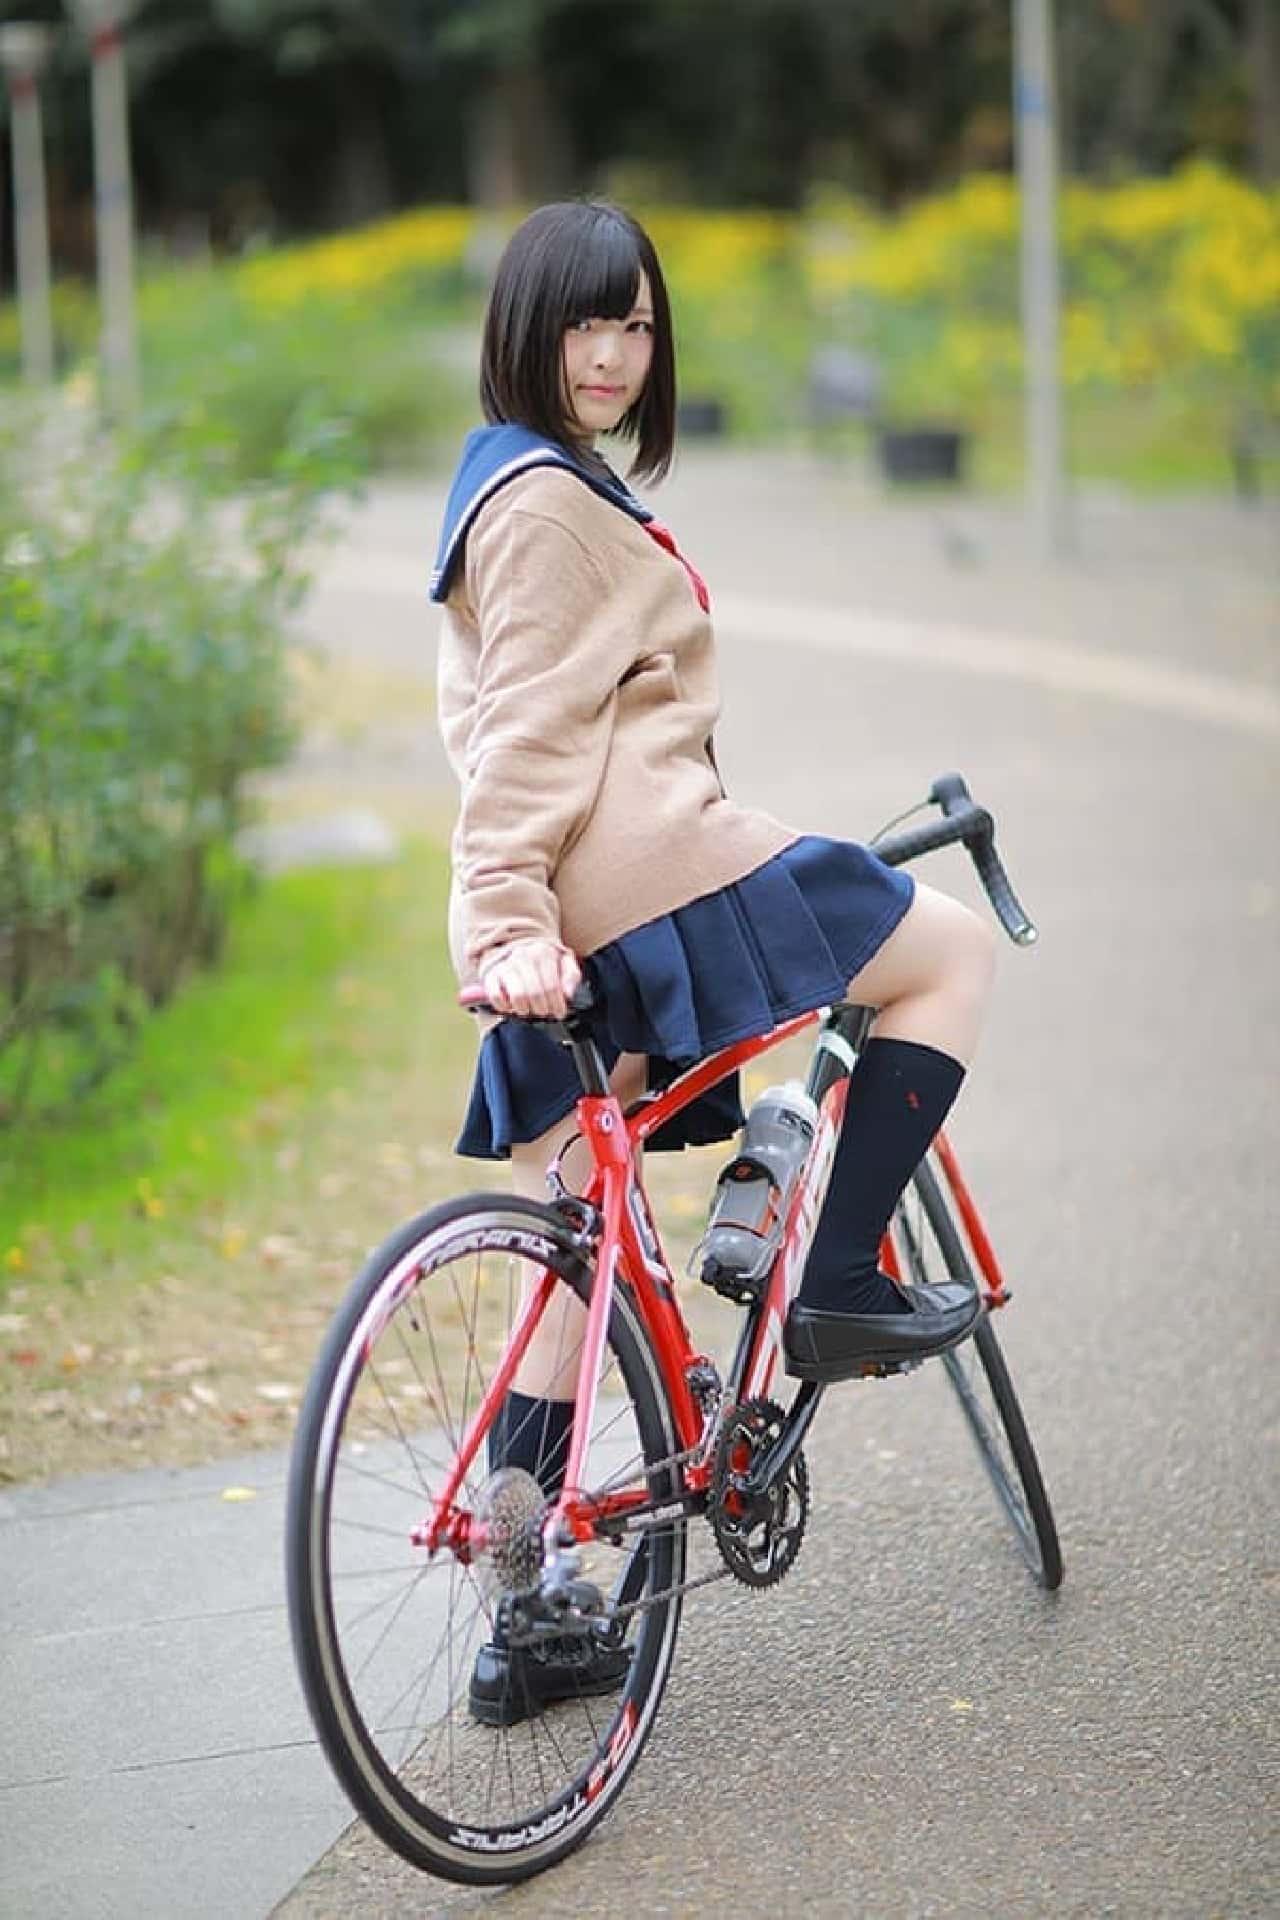 コスプレイヤー「肉球あやと」さんによる「ロードバイクと女子高生」